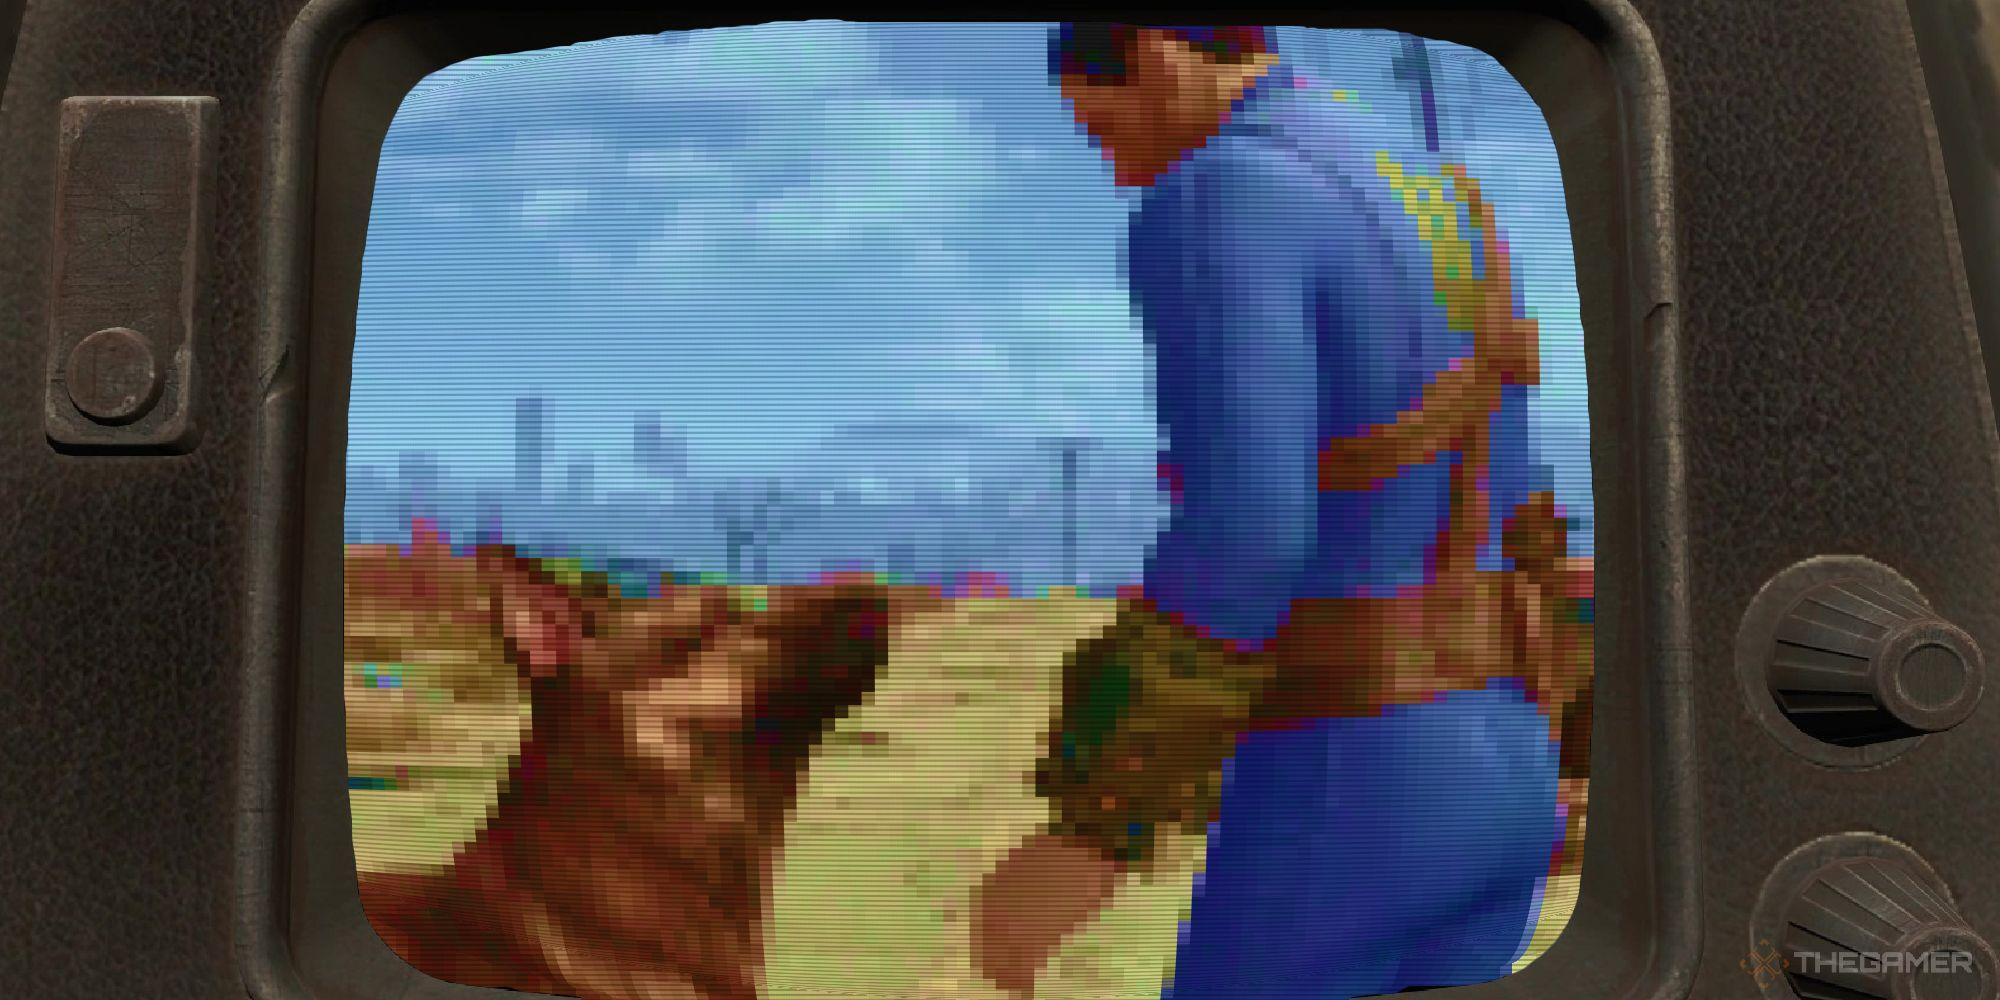 ¿Cuánto tiempo se tarda en vencer a Fallout 4?